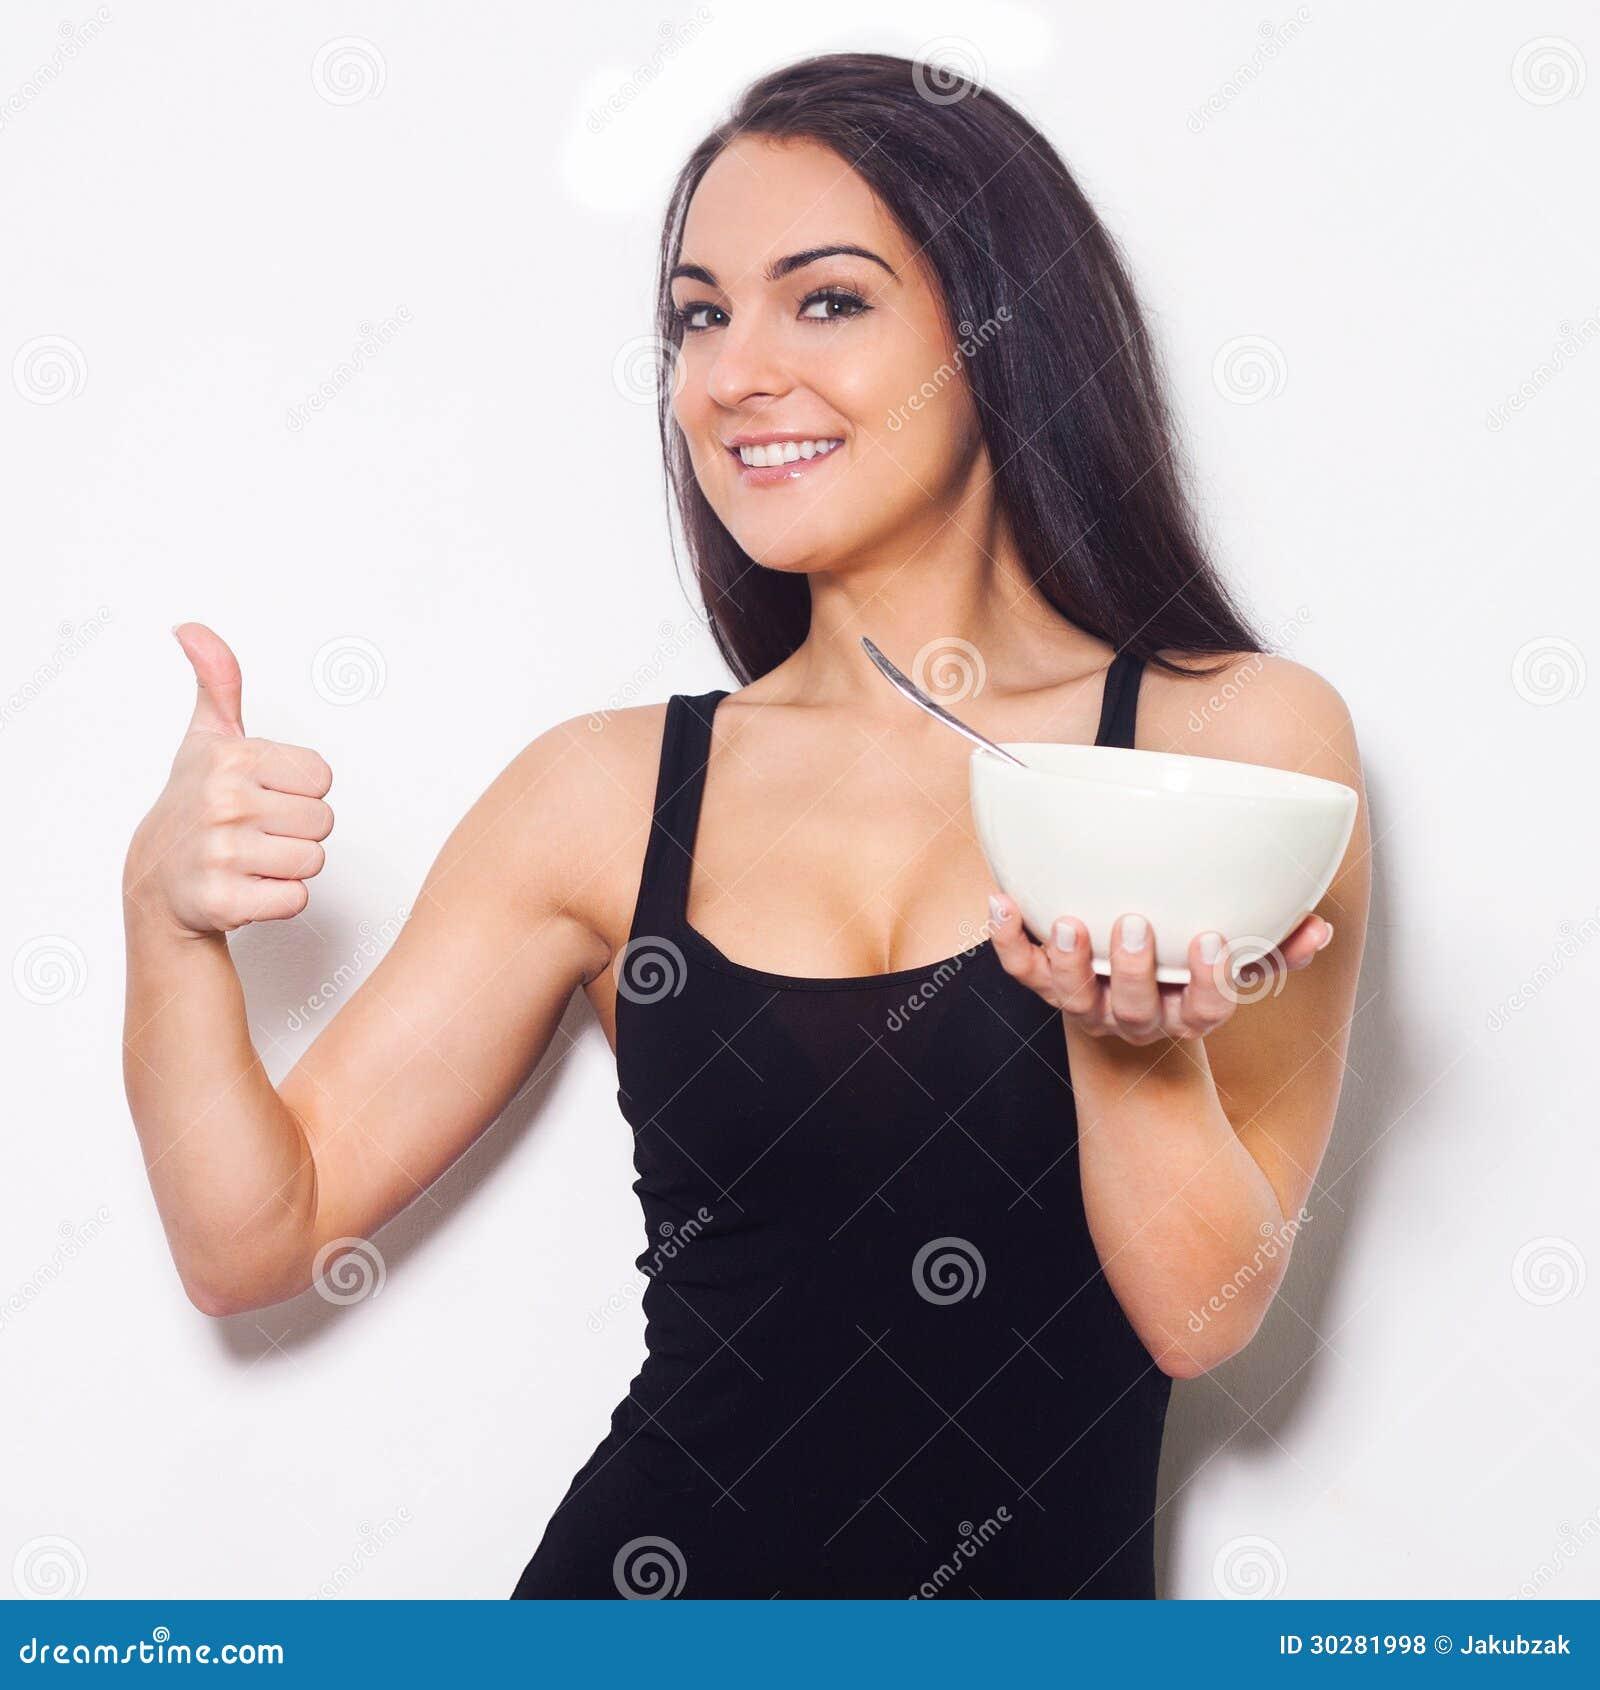 微笑的妇女,当拿着碗时。